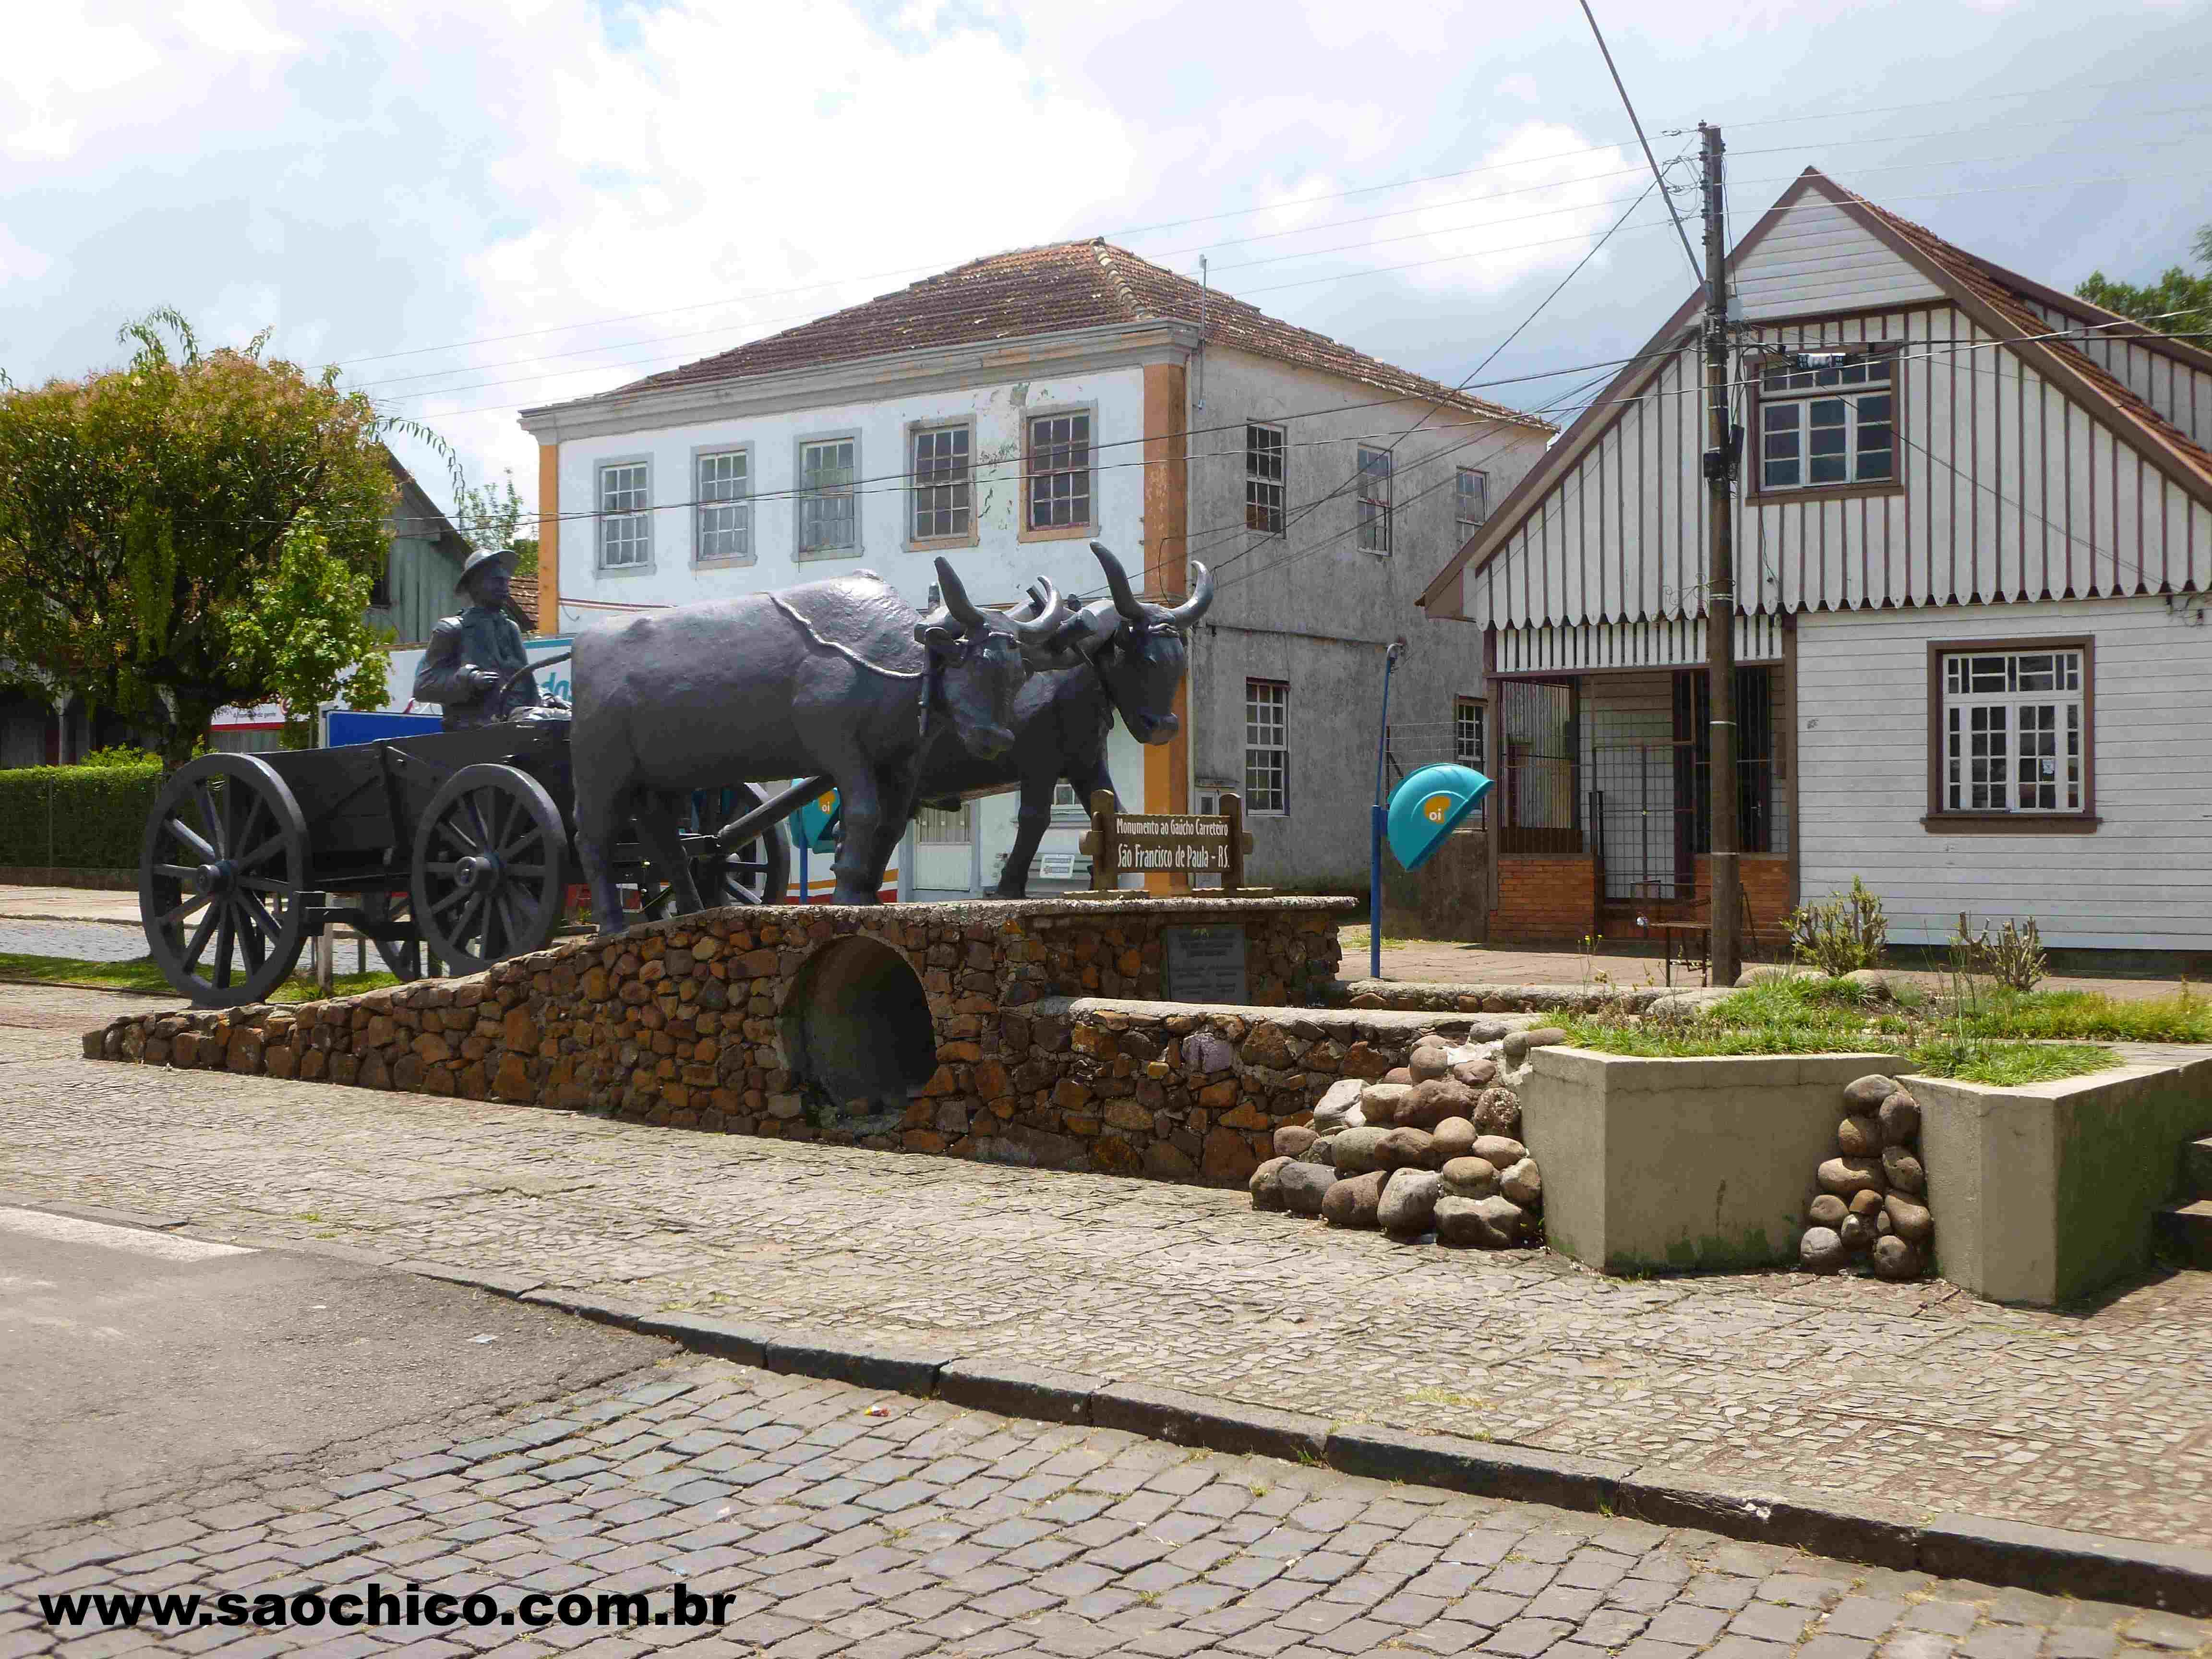 Monumento ao Carreteiro Janeiro/2013 #73693C 4608x3456 Banheiro Adaptado Para Senhora Idosa